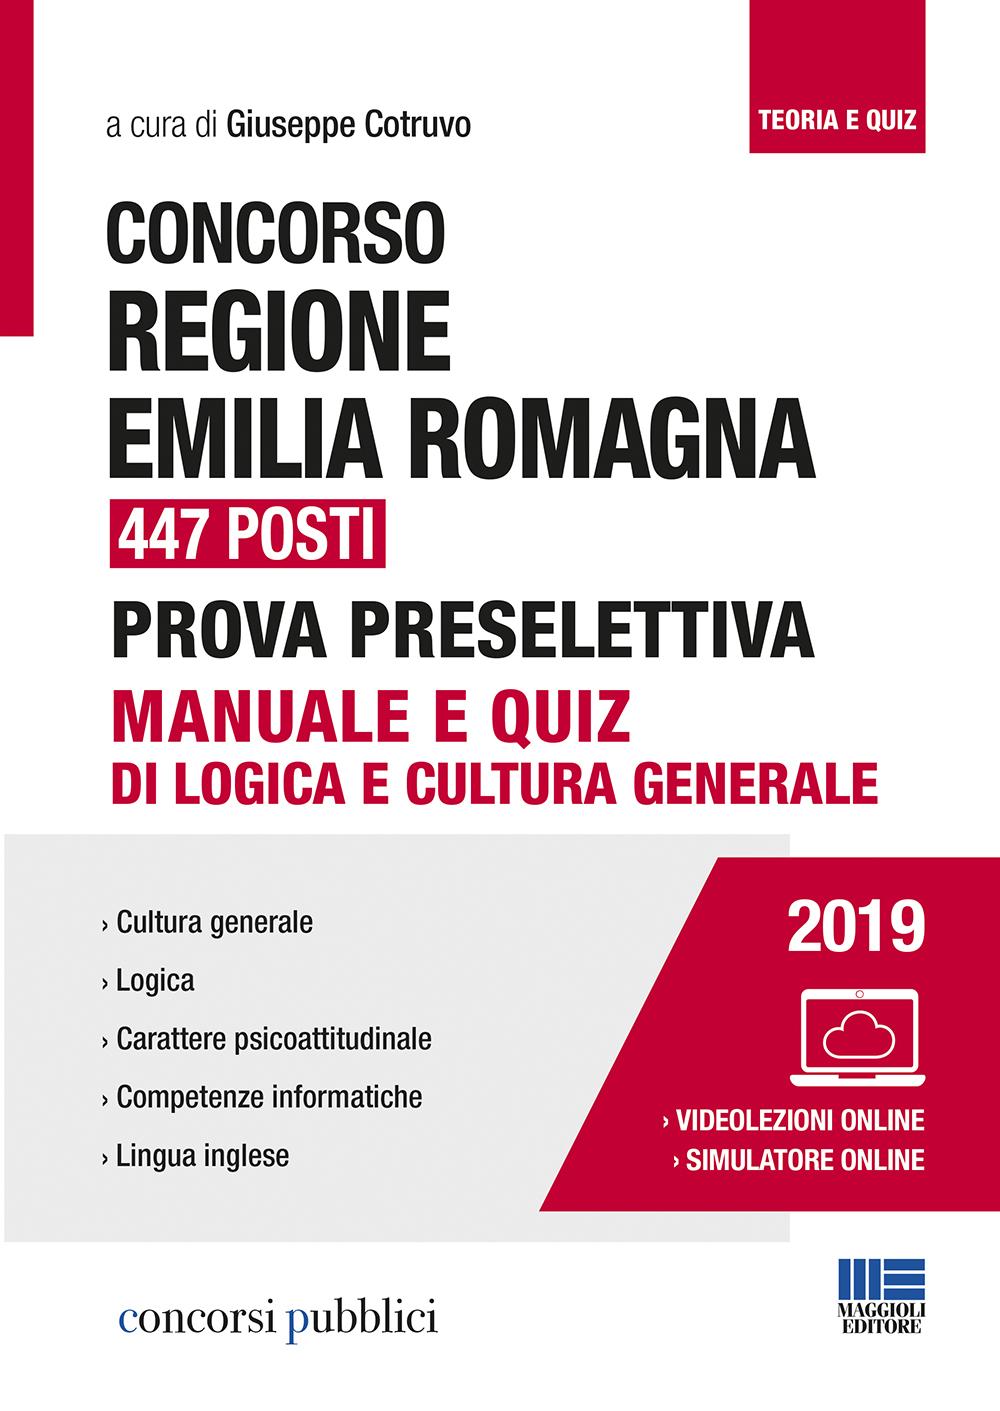 Concorso Regione Emilia Romagna 447 posti Prova Preselettiva